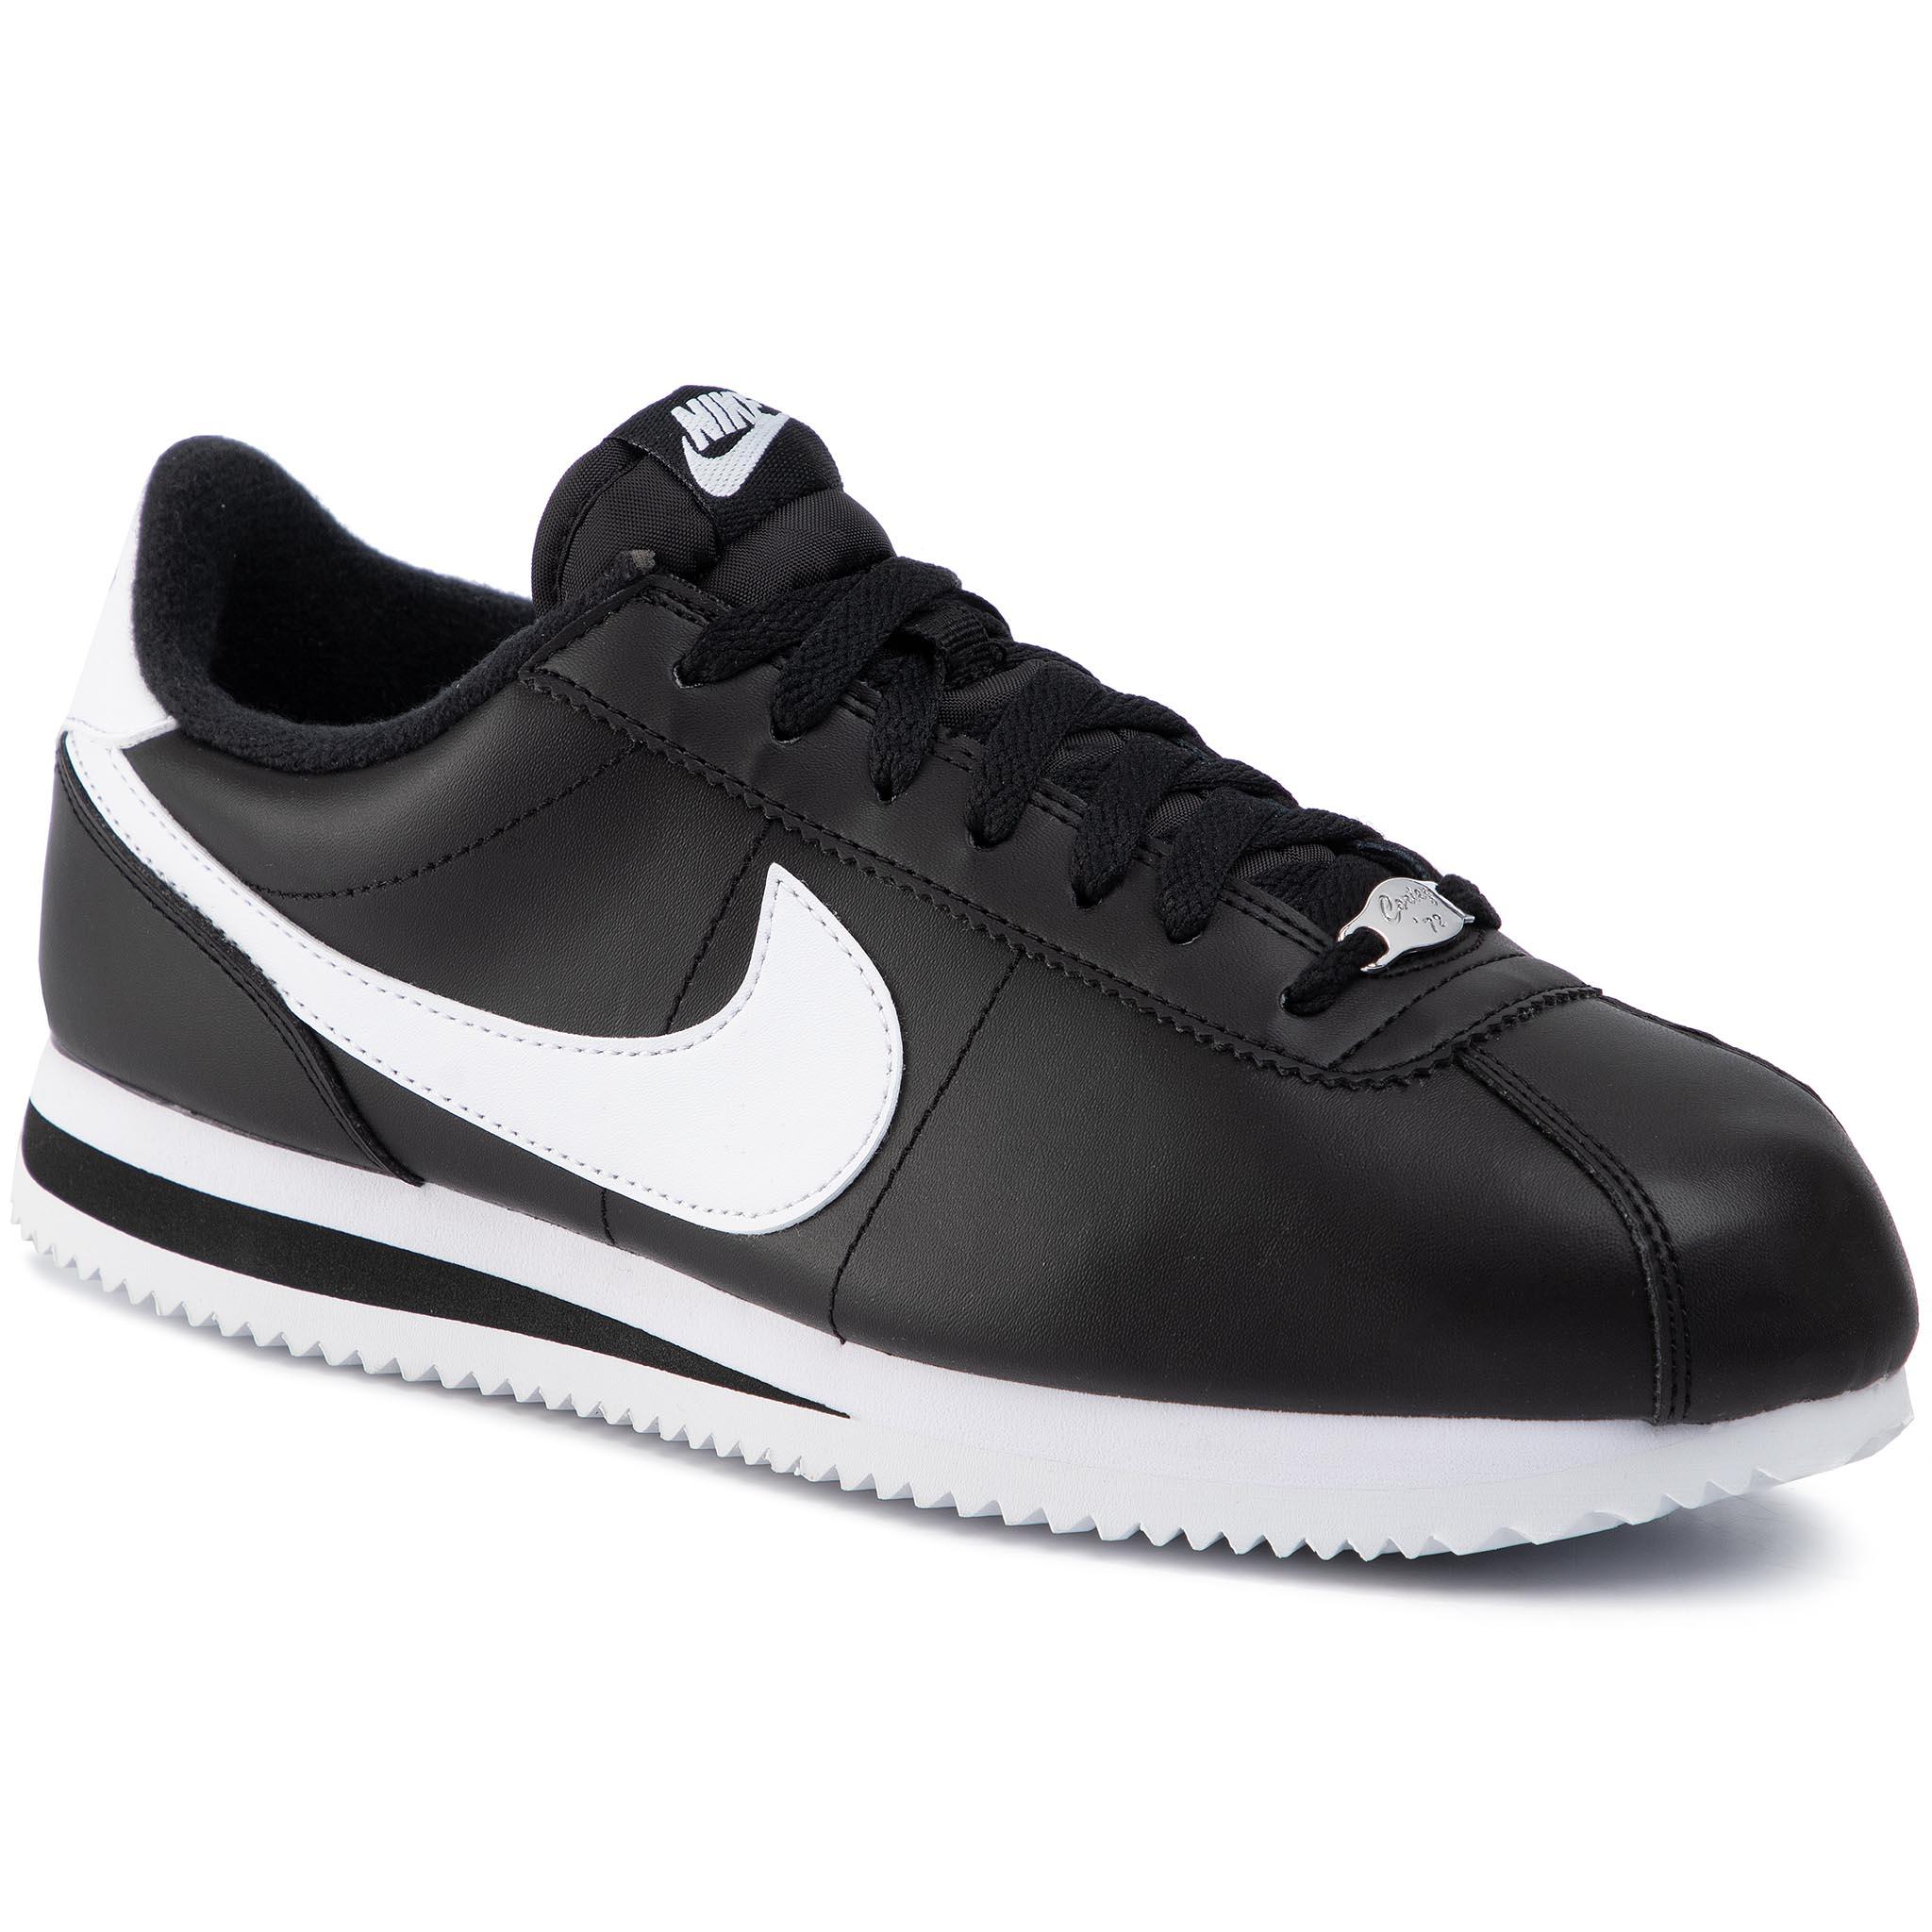 Zapatos NIKE Cortez Basic Leather 819719 012 BlackWhiteMetallic Silver